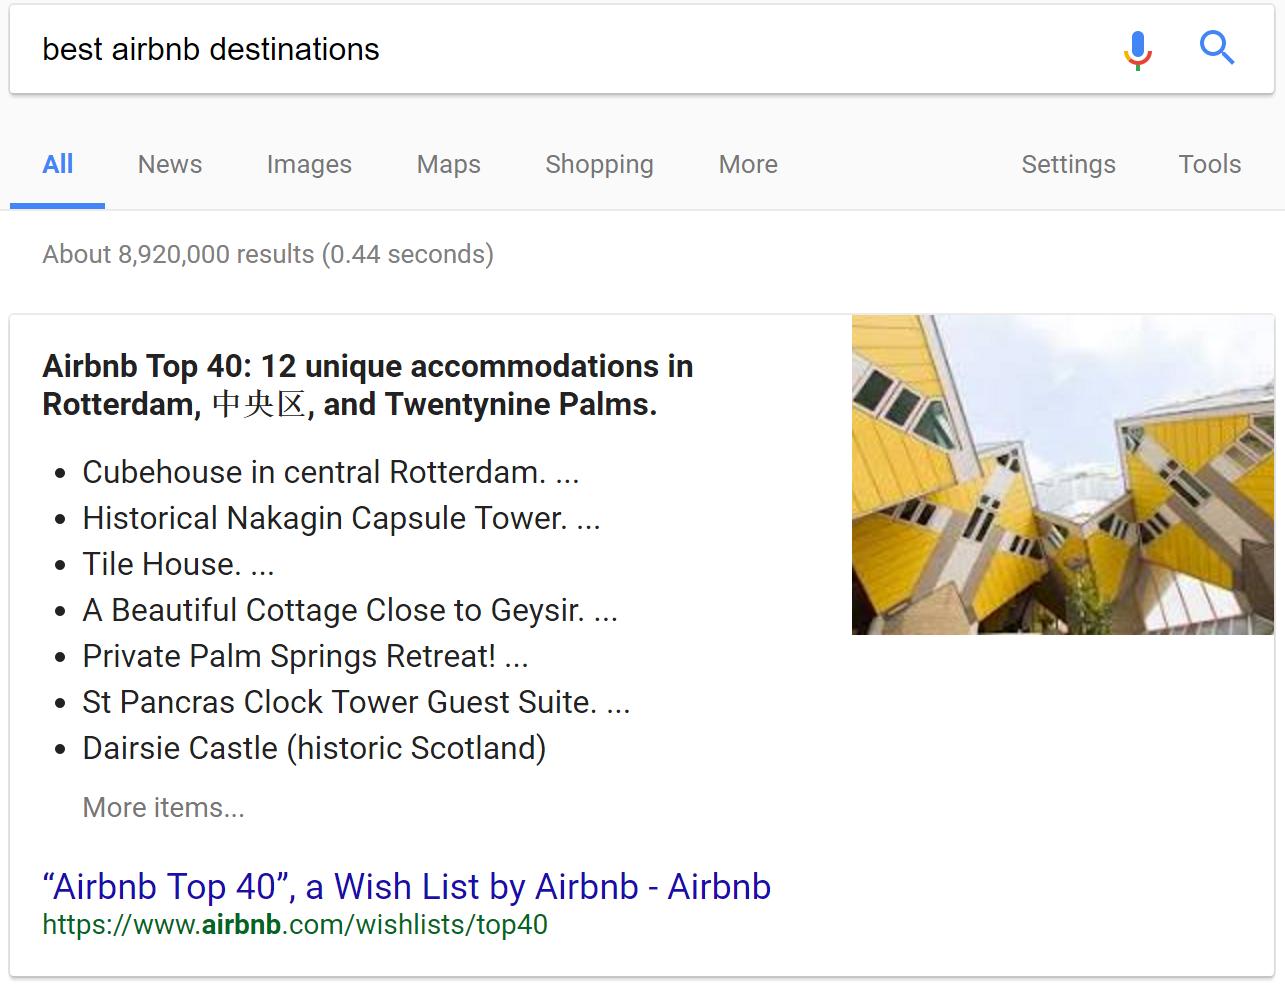 Airbnb 404 Error Best Airbnb Destinations